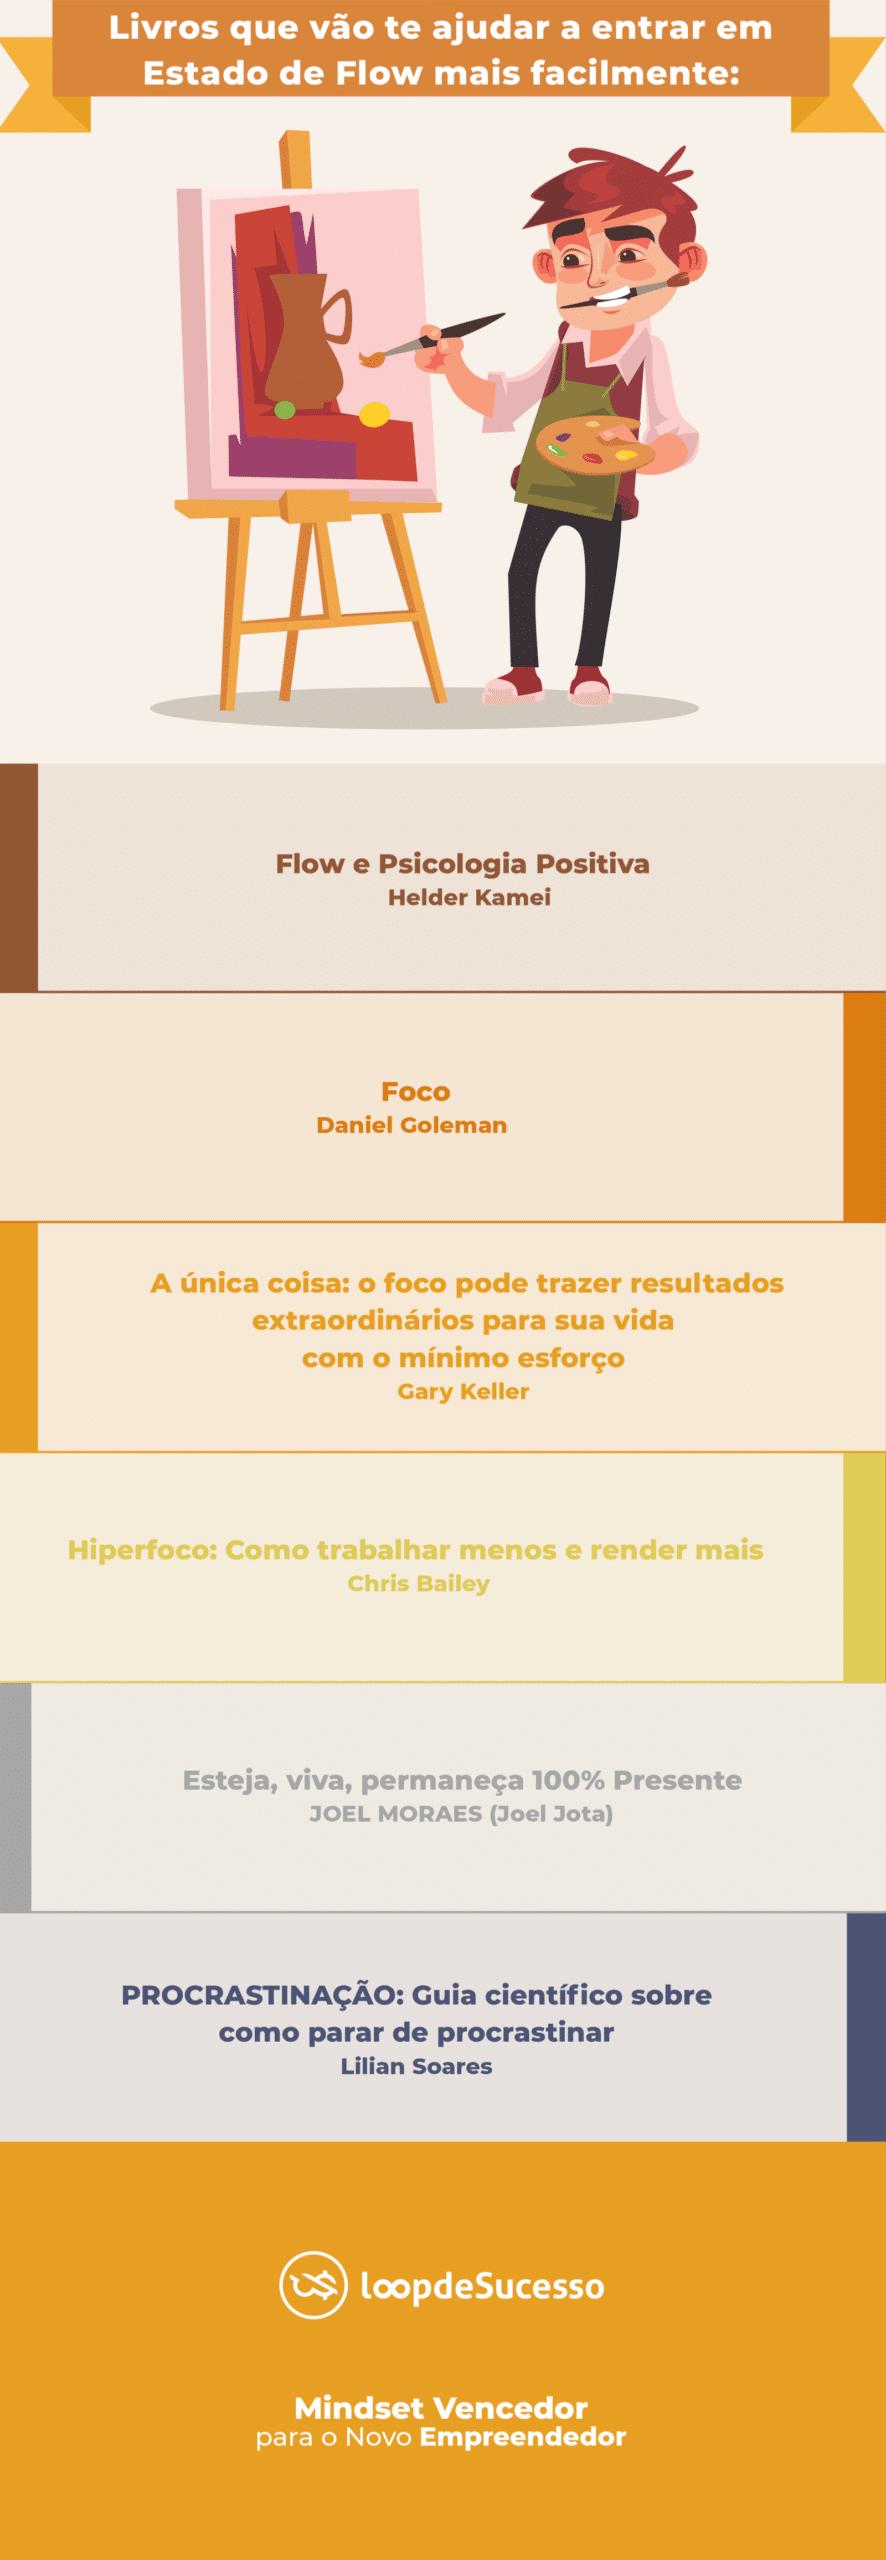 Infográfico como atingir um estado de Flow - Livros sobre estado de flow - Loop de Sucesso